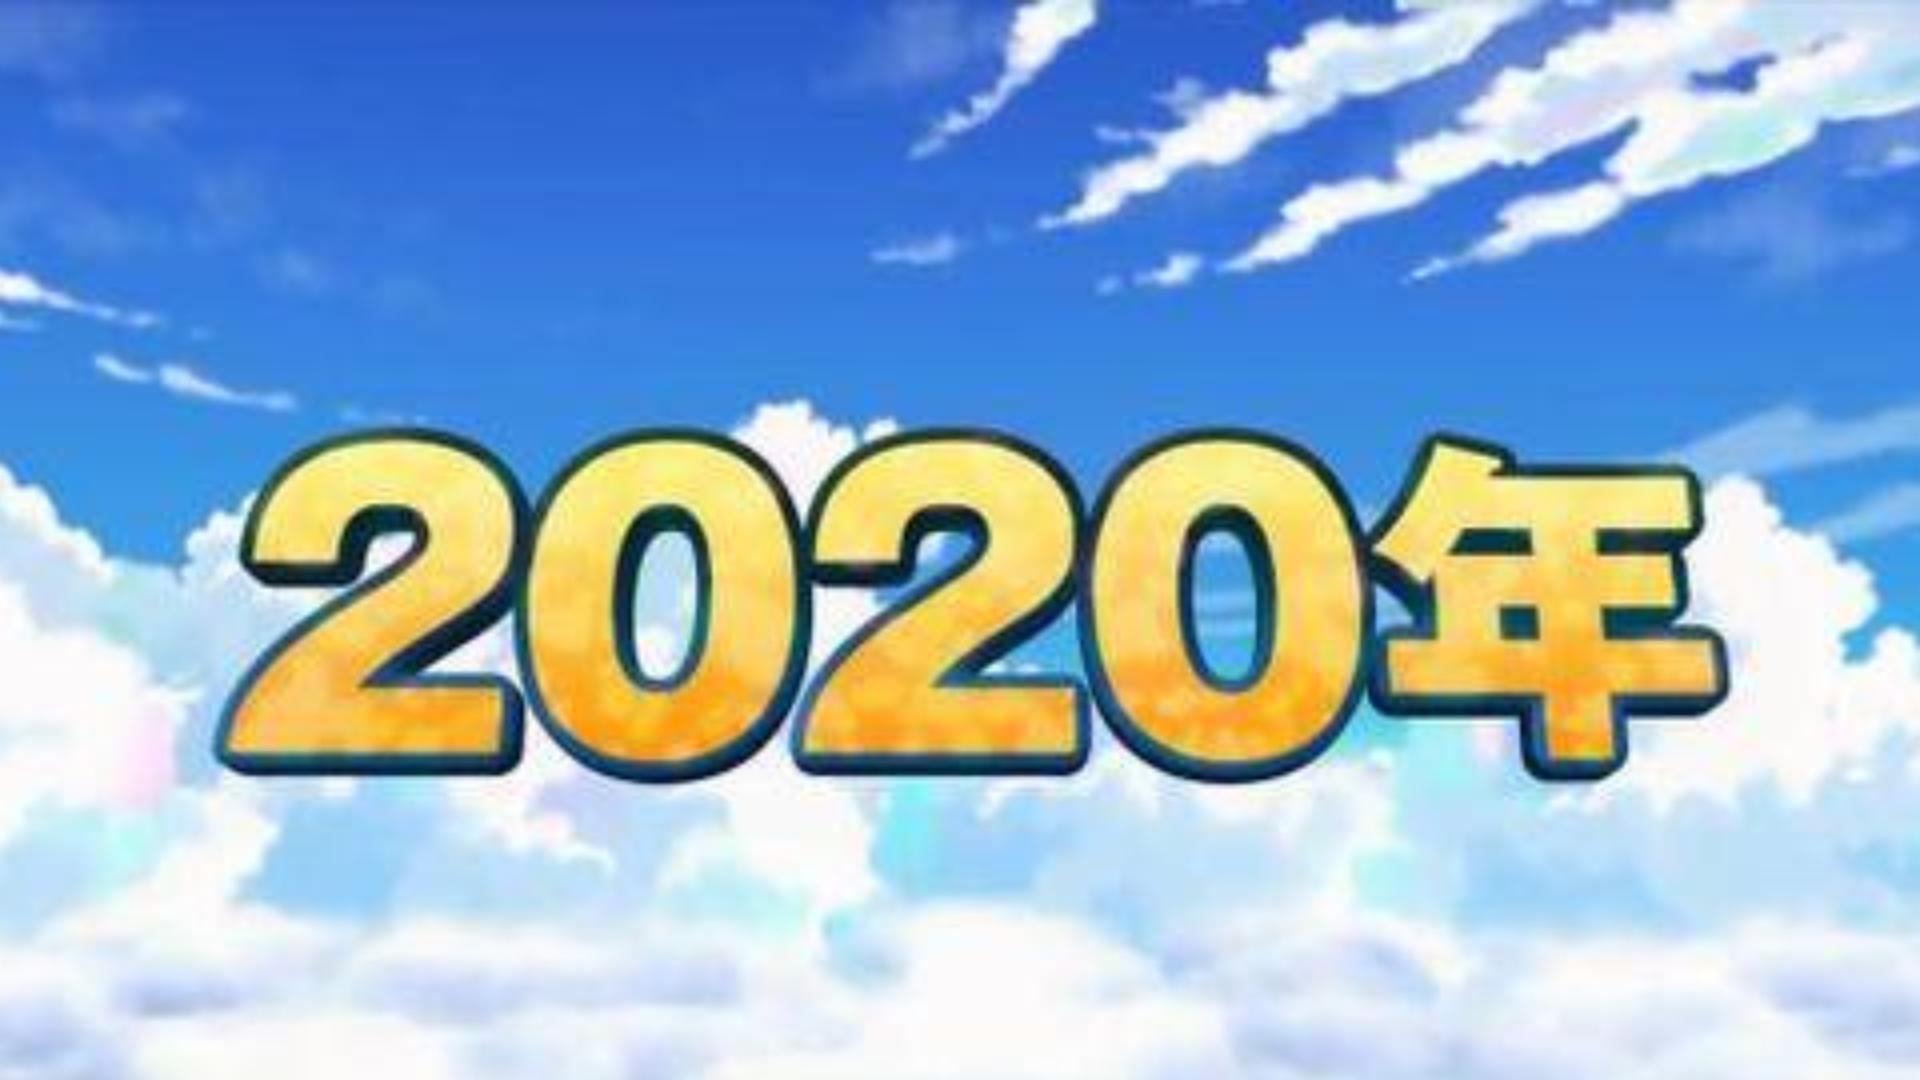 【蜡笔小新】2020剧场版(生肉)激战!涂鸦王国和四位勇士预告